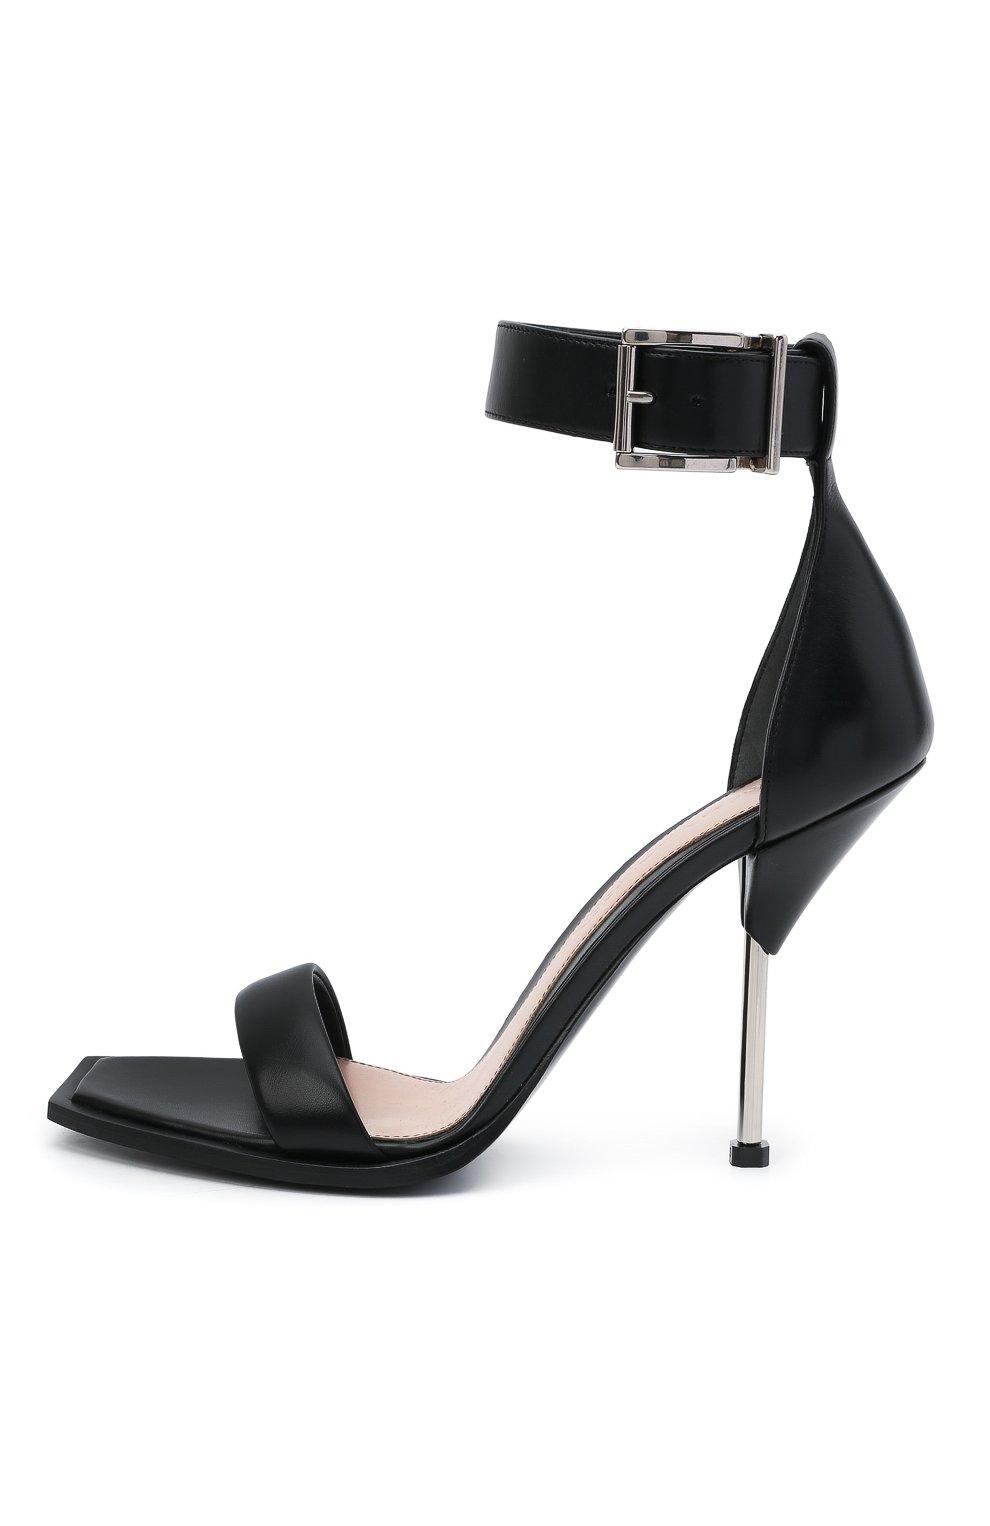 Женские кожаные босоножки ALEXANDER MCQUEEN черного цвета, арт. 651712/WHWQ1 | Фото 3 (Каблук высота: Высокий; Материал внутренний: Натуральная кожа; Каблук тип: Шпилька; Подошва: Плоская)